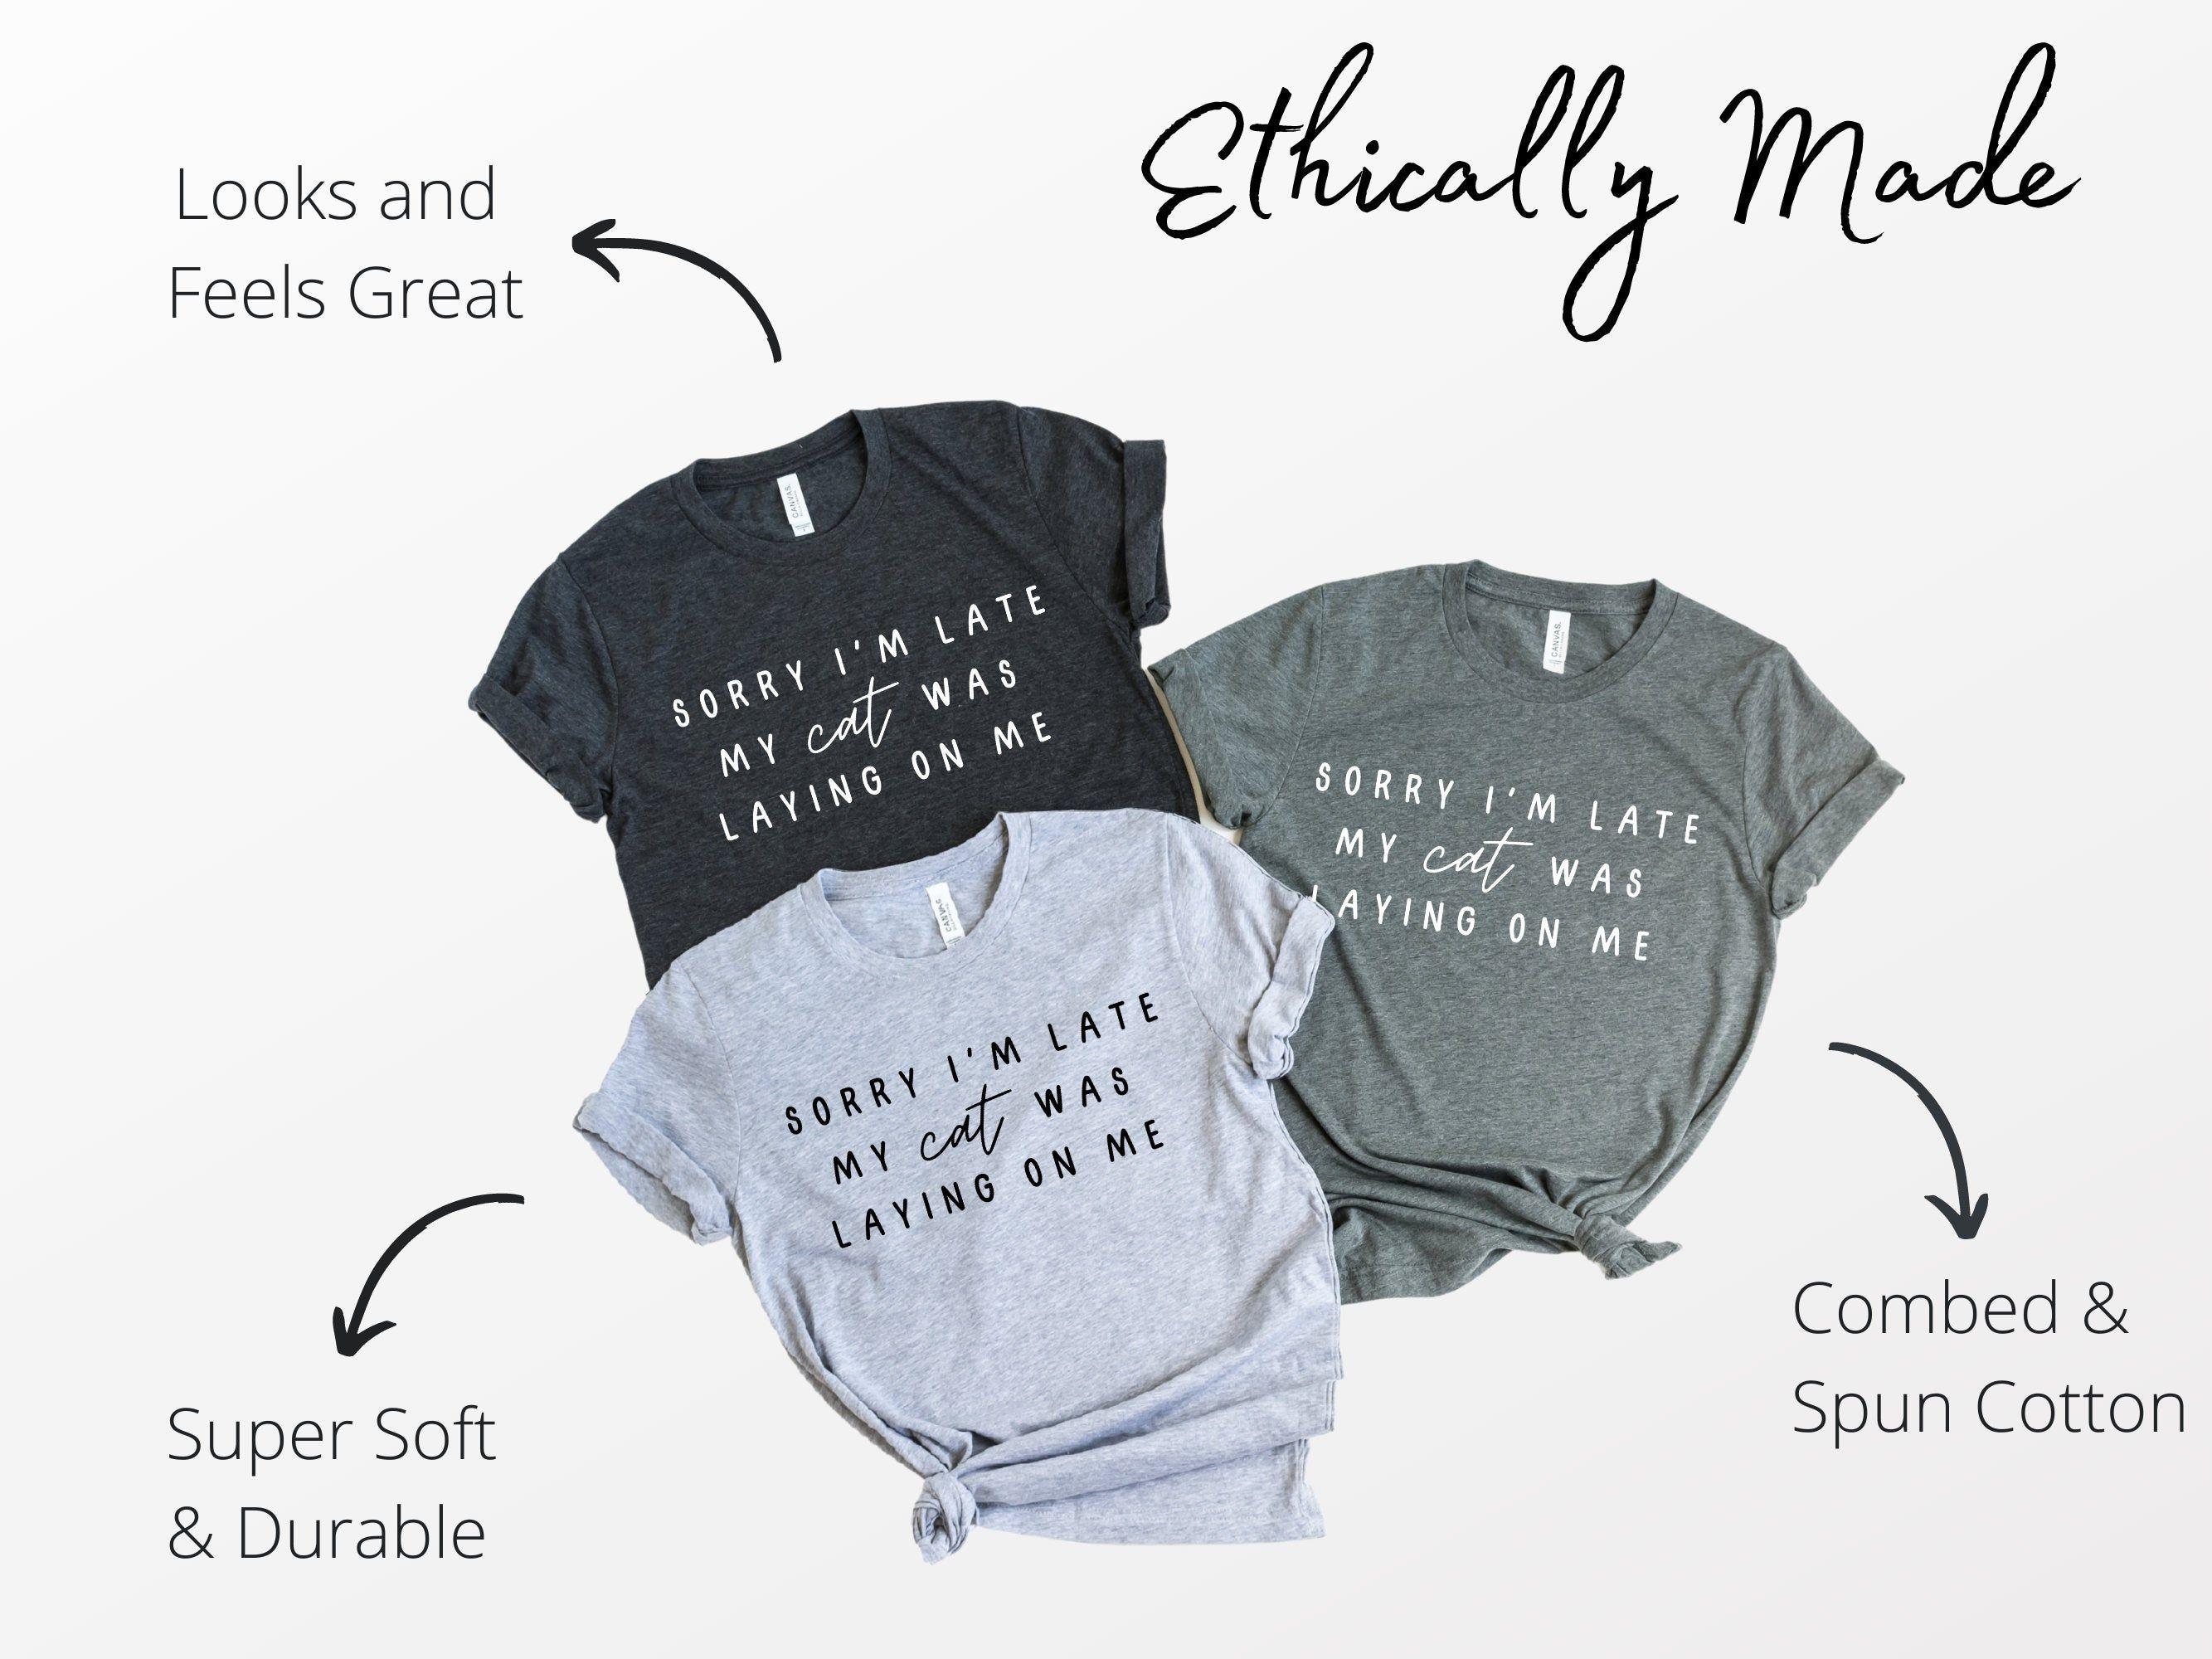 Cat Mom Crewneck Shirt, Sorry Im Late Tshirt, Funny Cat T-Shirt, Cat Lover Gift, Cat Lover Tee, Funny Tshirt, Unisex Shirt, Gift for Her